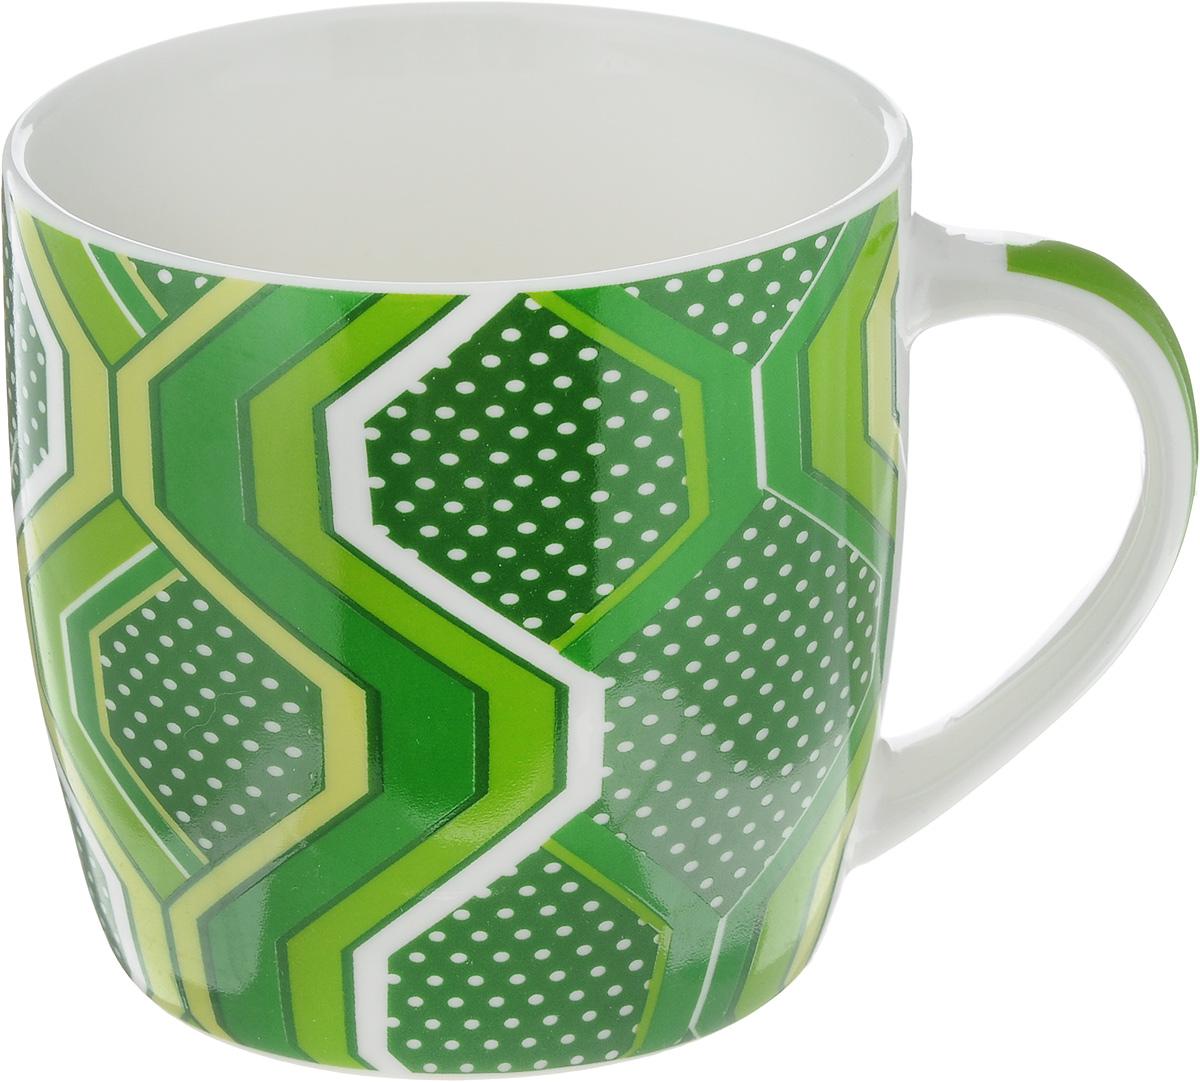 """Кружка """"Loraine"""", цвет: темно-зеленый, 320 мл. 24487"""